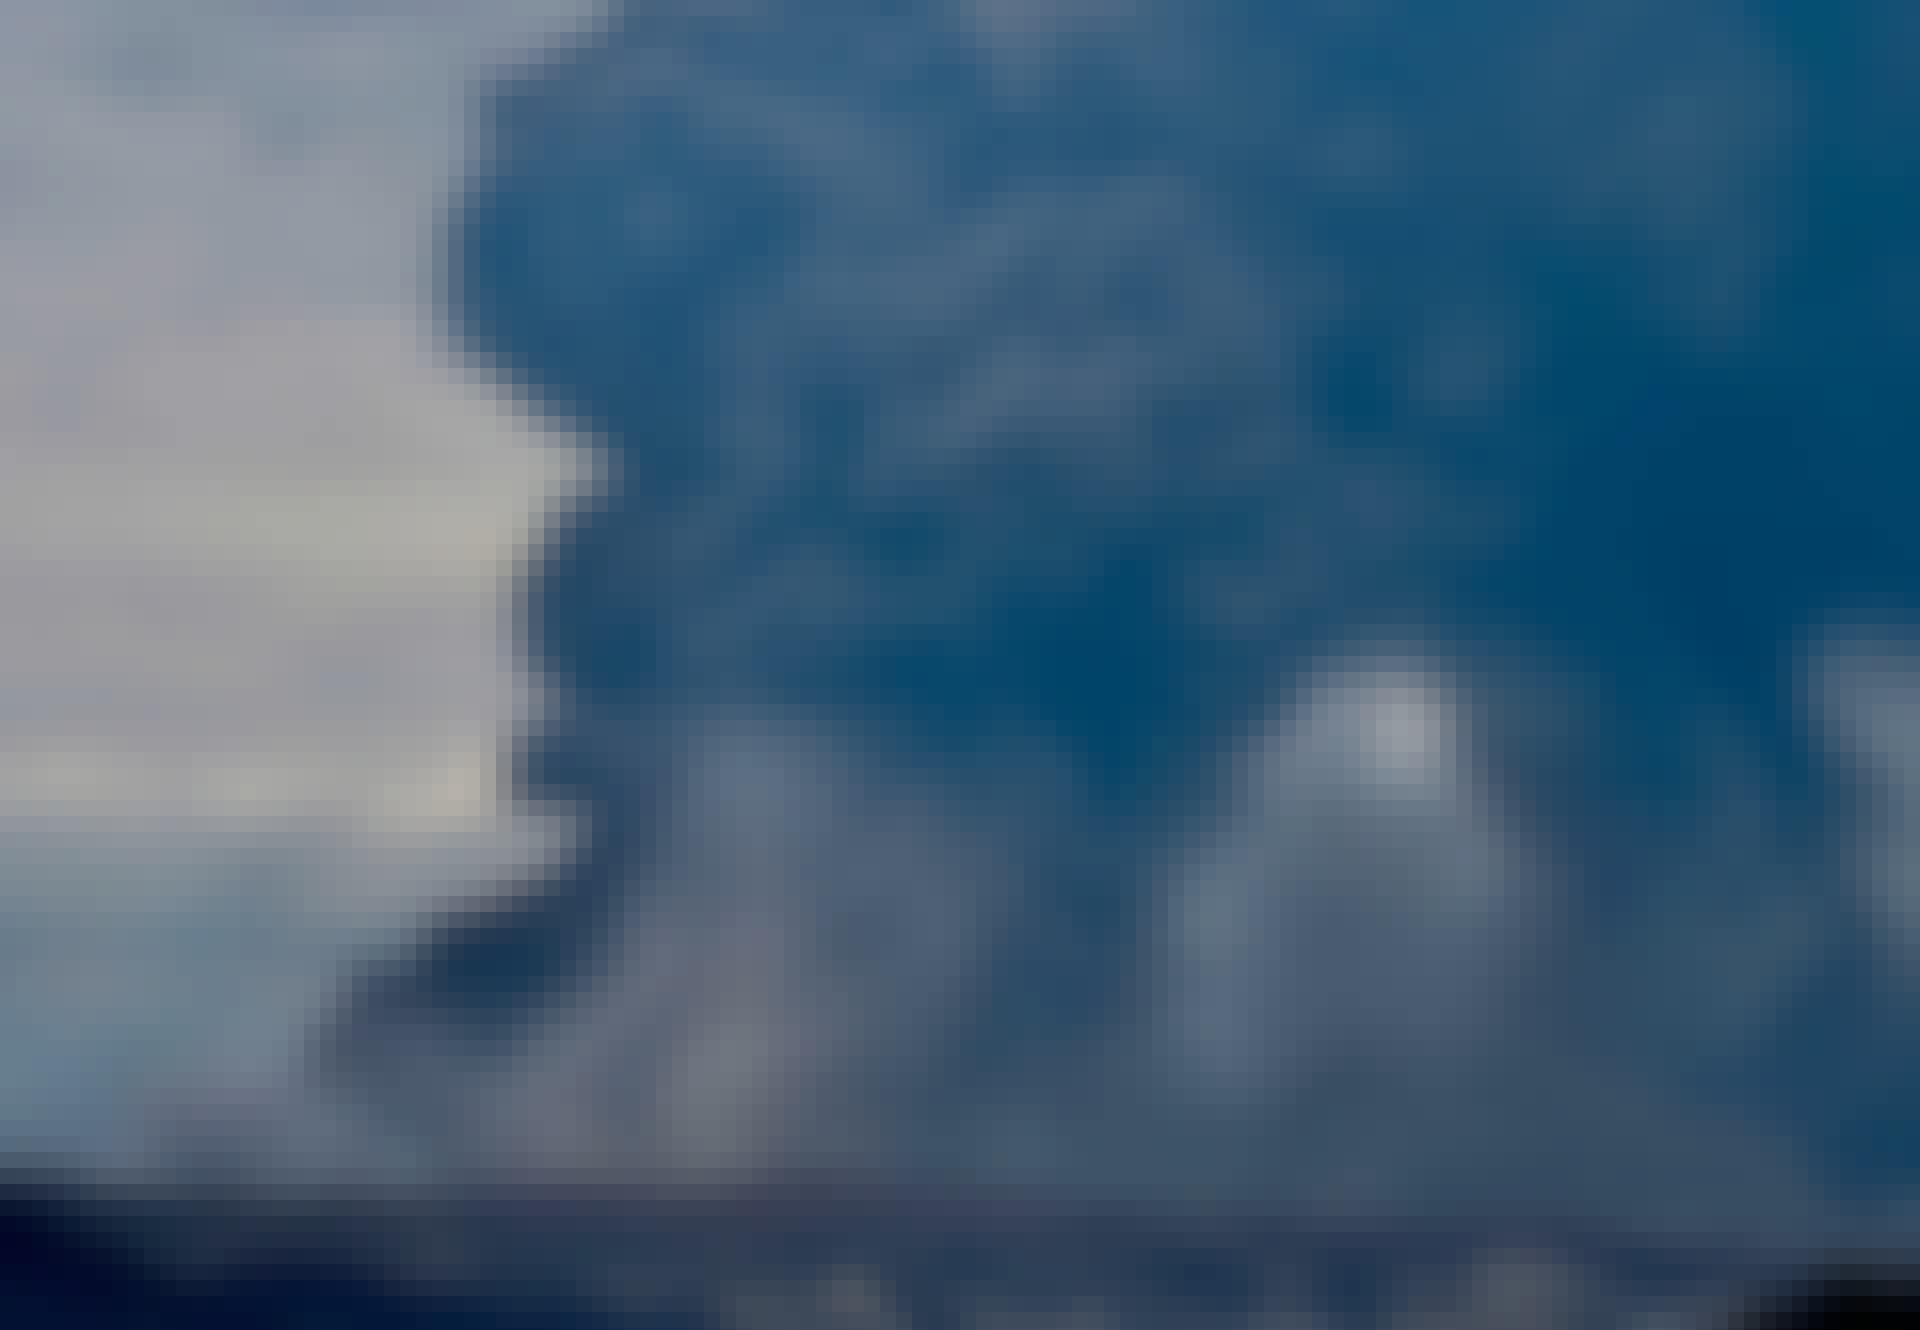 Supervulkaner – supervulkan har utbrott